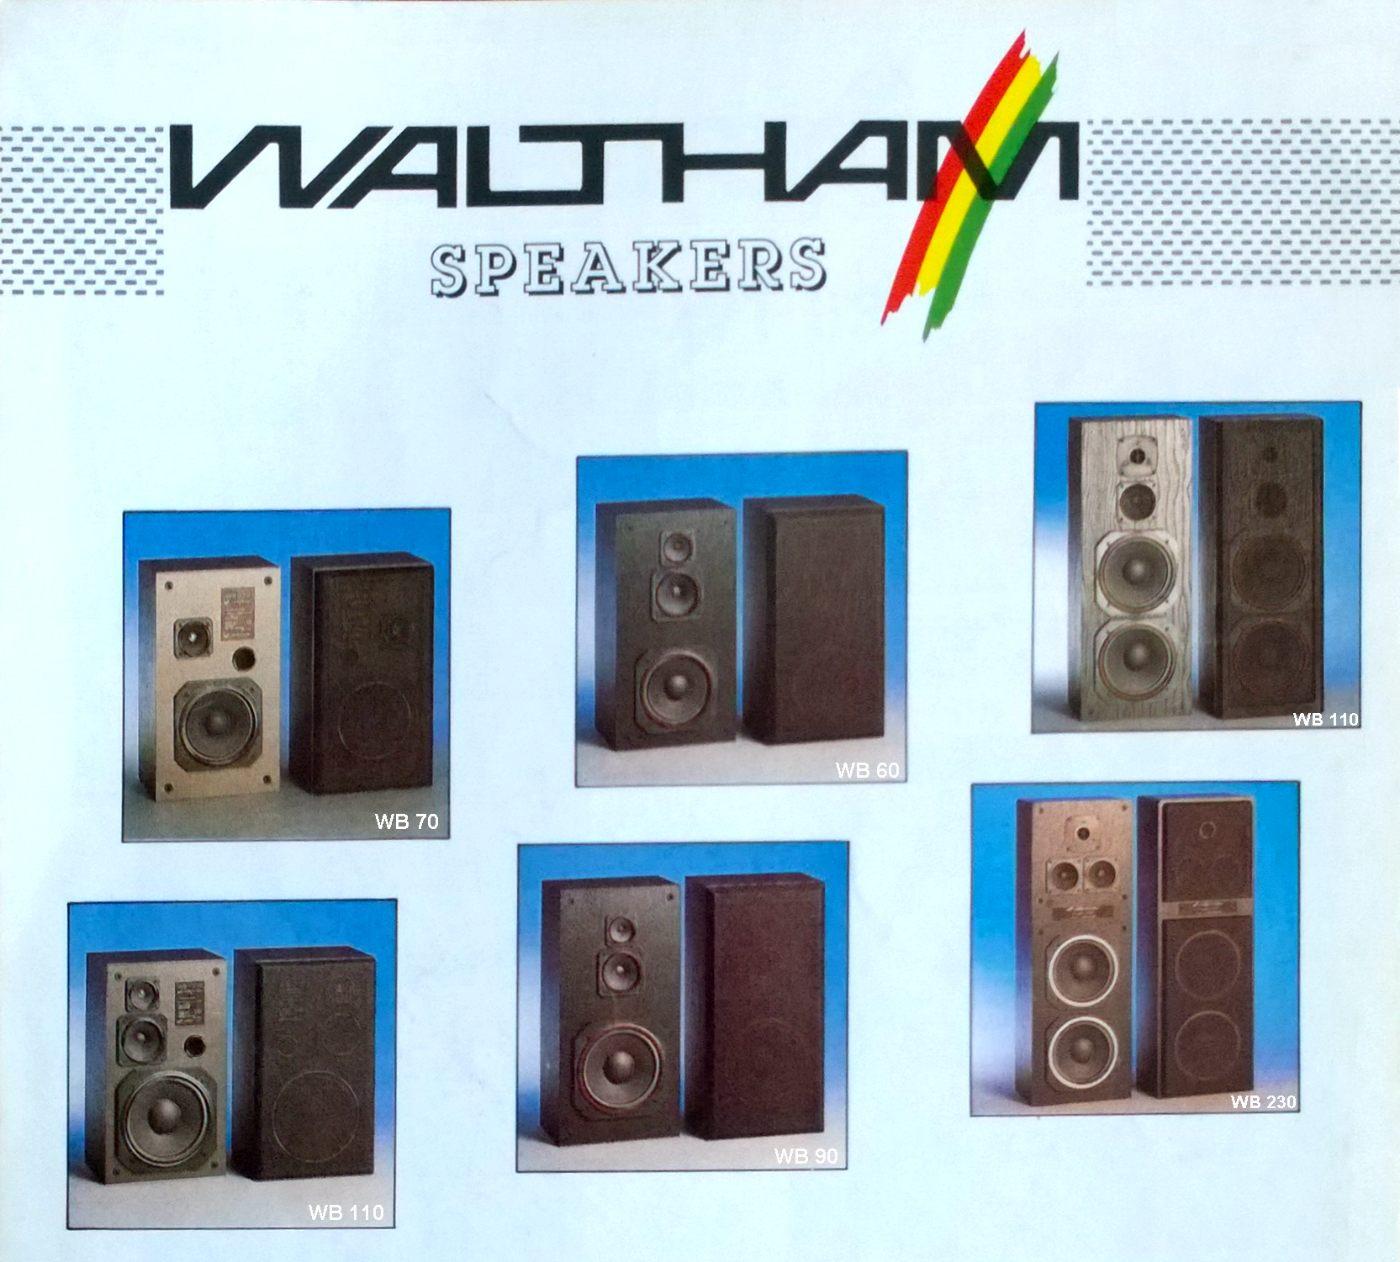 ch_waltham2_wb70_110_60_90_160_230_front.jpg